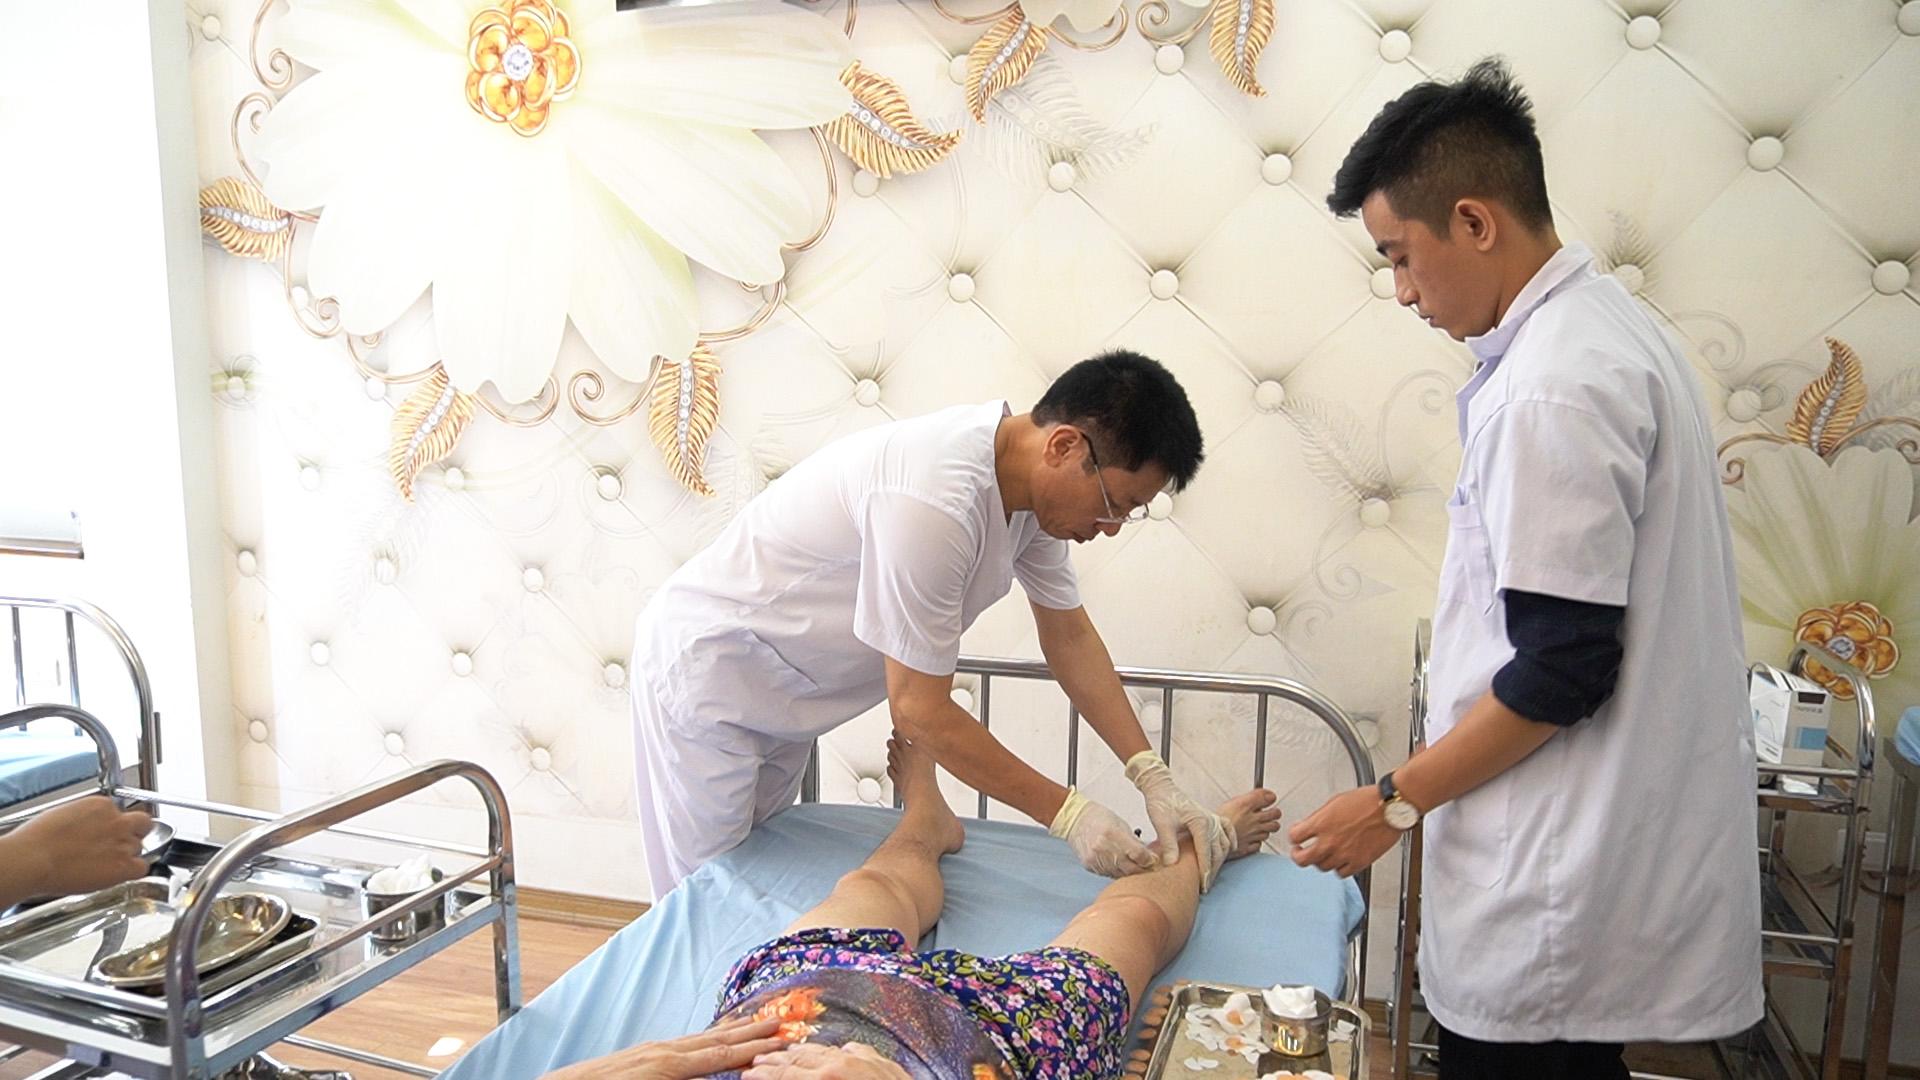 Bệnh nhân đến với viện cấy chỉ Hải Thượng Lãn Ông sẽ được trải nghiệm phương pháp cấy chỉ tốt nhất